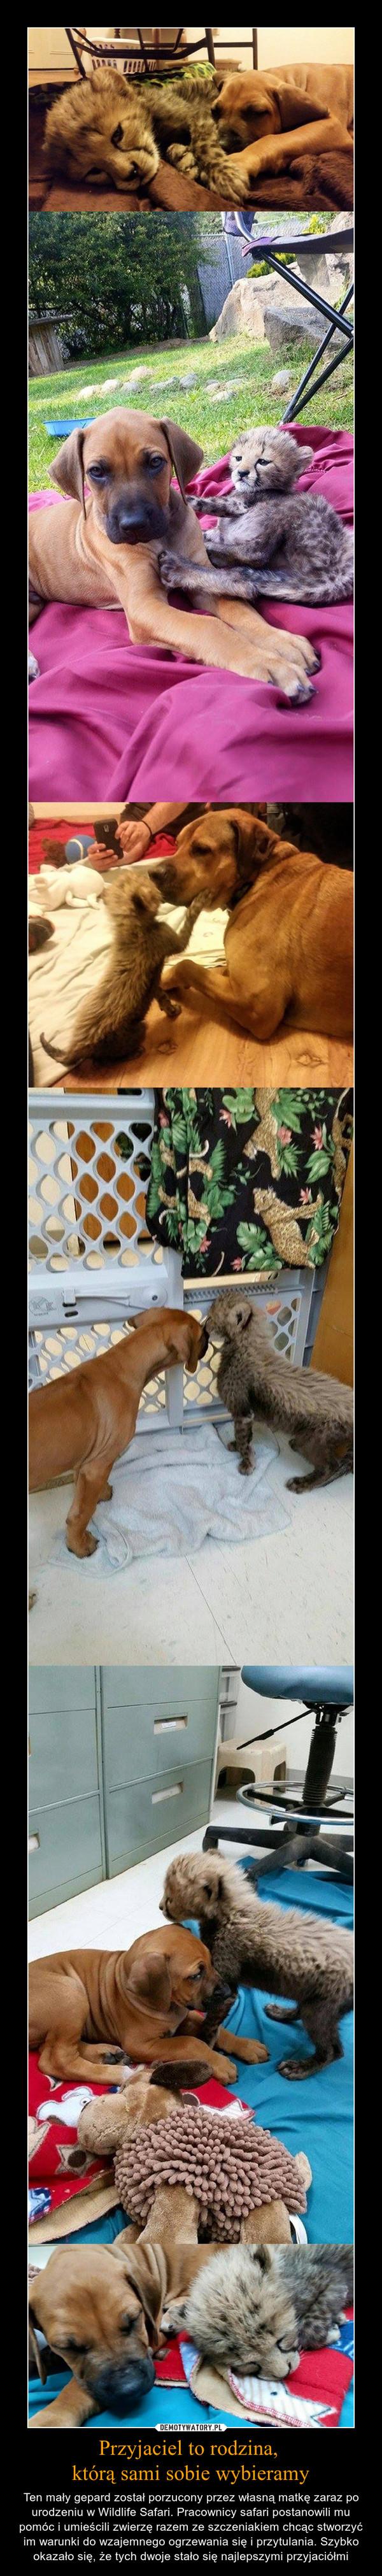 Przyjaciel to rodzina, którą sami sobie wybieramy – Ten mały gepard został porzucony przez własną matkę zaraz po urodzeniu w Wildlife Safari. Pracownicy safari postanowili mu pomóc i umieścili zwierzę razem ze szczeniakiem chcąc stworzyć im warunki do wzajemnego ogrzewania się i przytulania. Szybko okazało się, że tych dwoje stało się najlepszymi przyjaciółmi